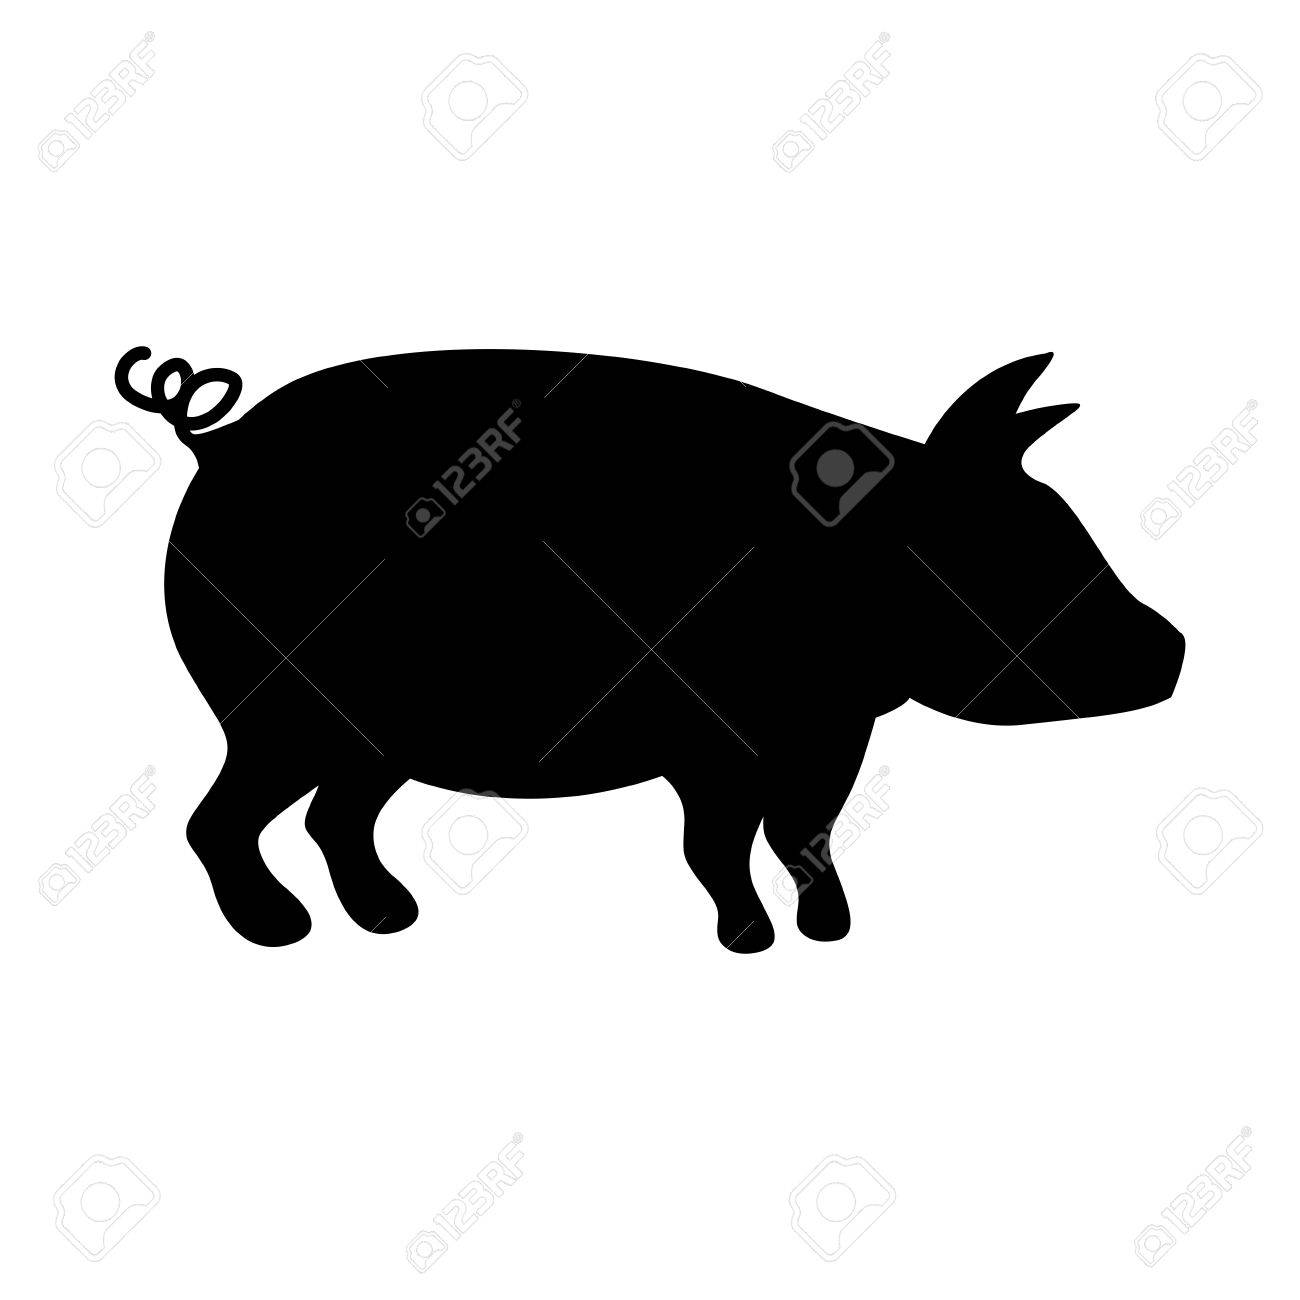 豚ベクトル イラスト シルエット モノクロ カラーのイラスト素材ベクタ